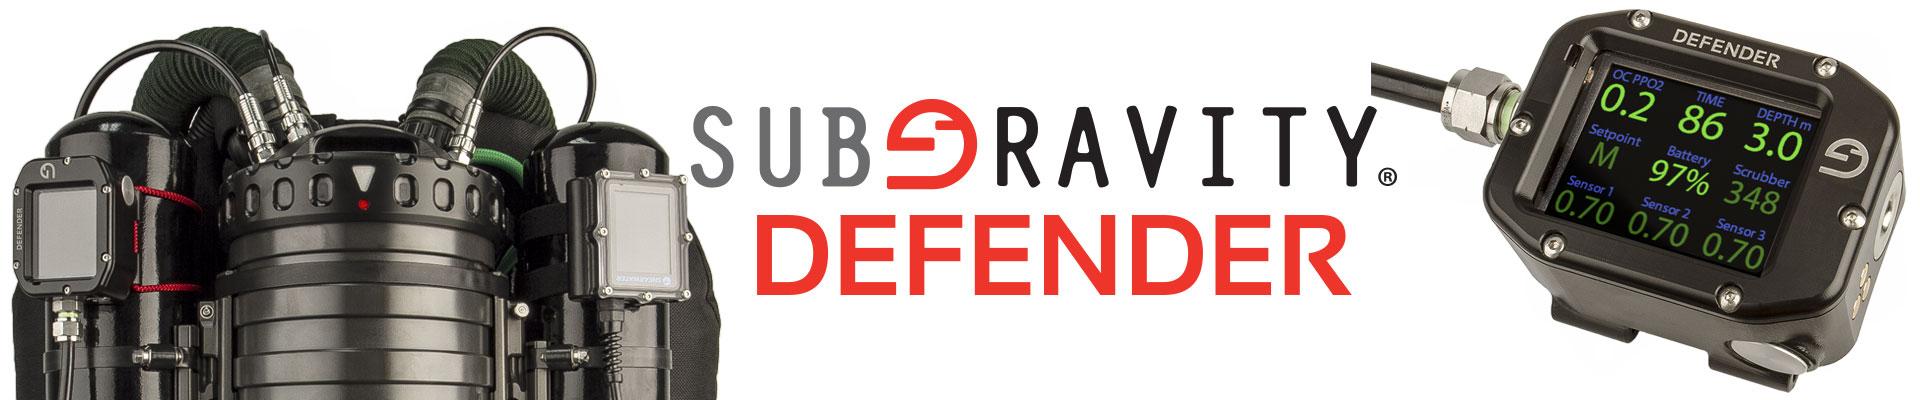 defender-hero-image-2